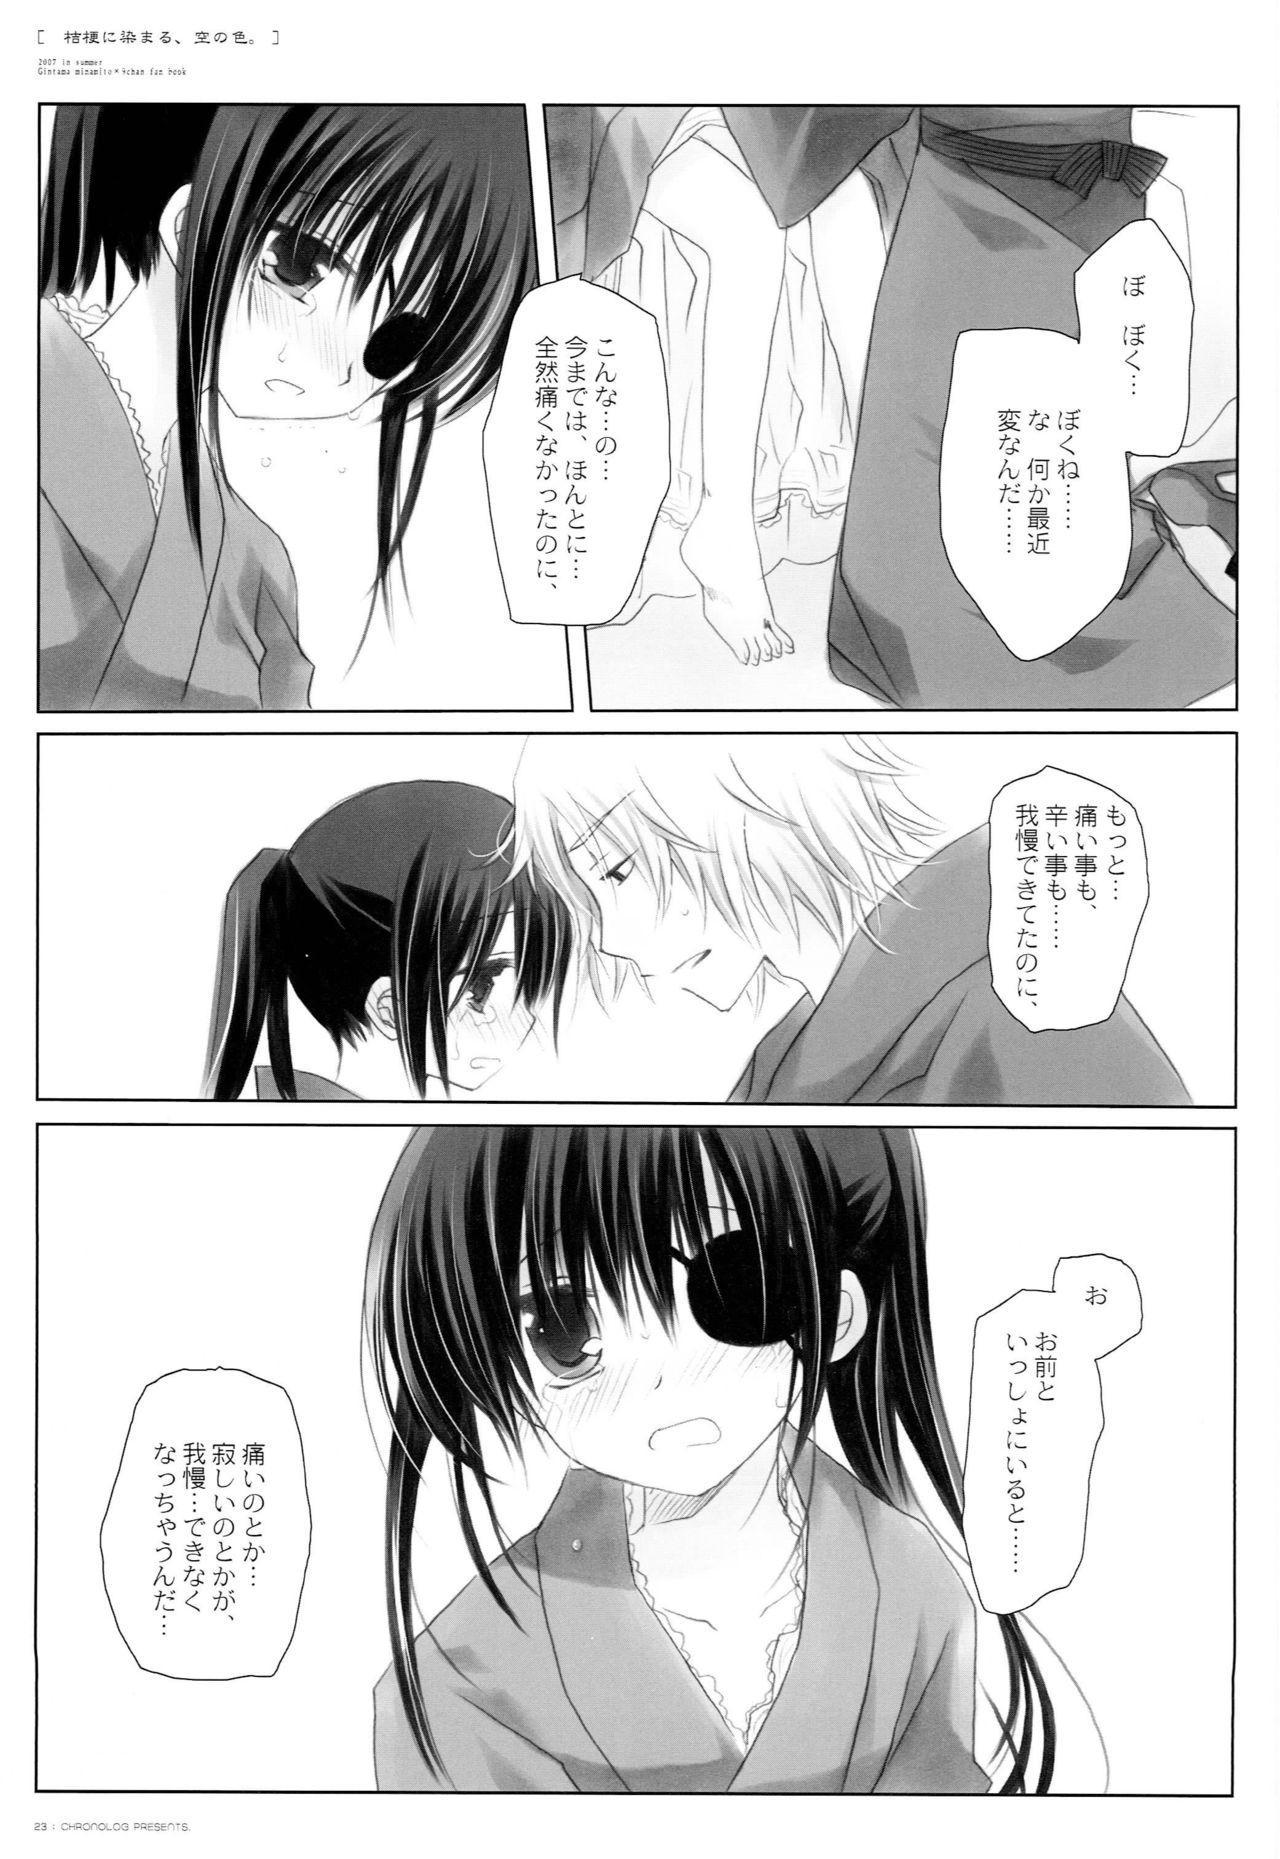 Kikyou ni Somaru Sora no Iro 21